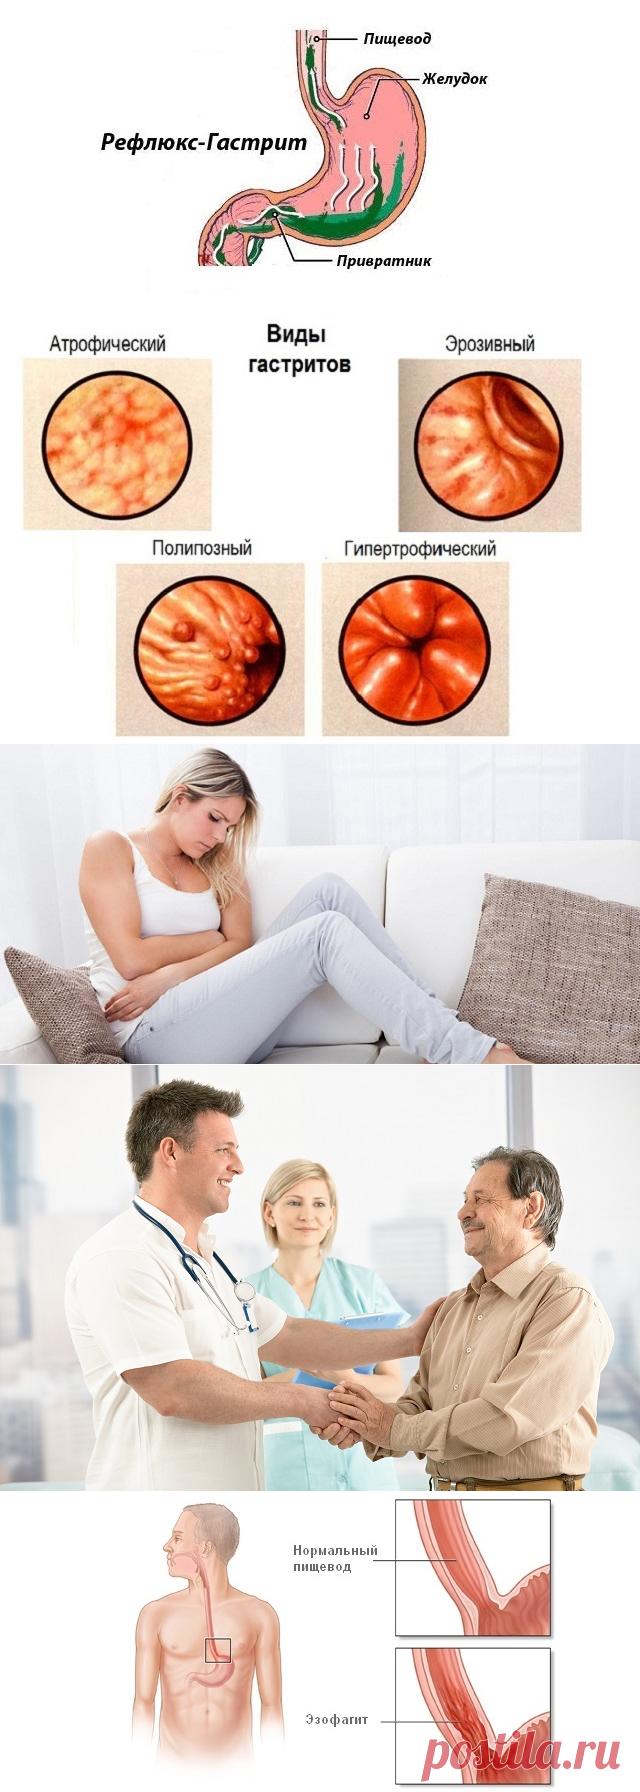 Кандидозный эзофагит симптомы и лечение